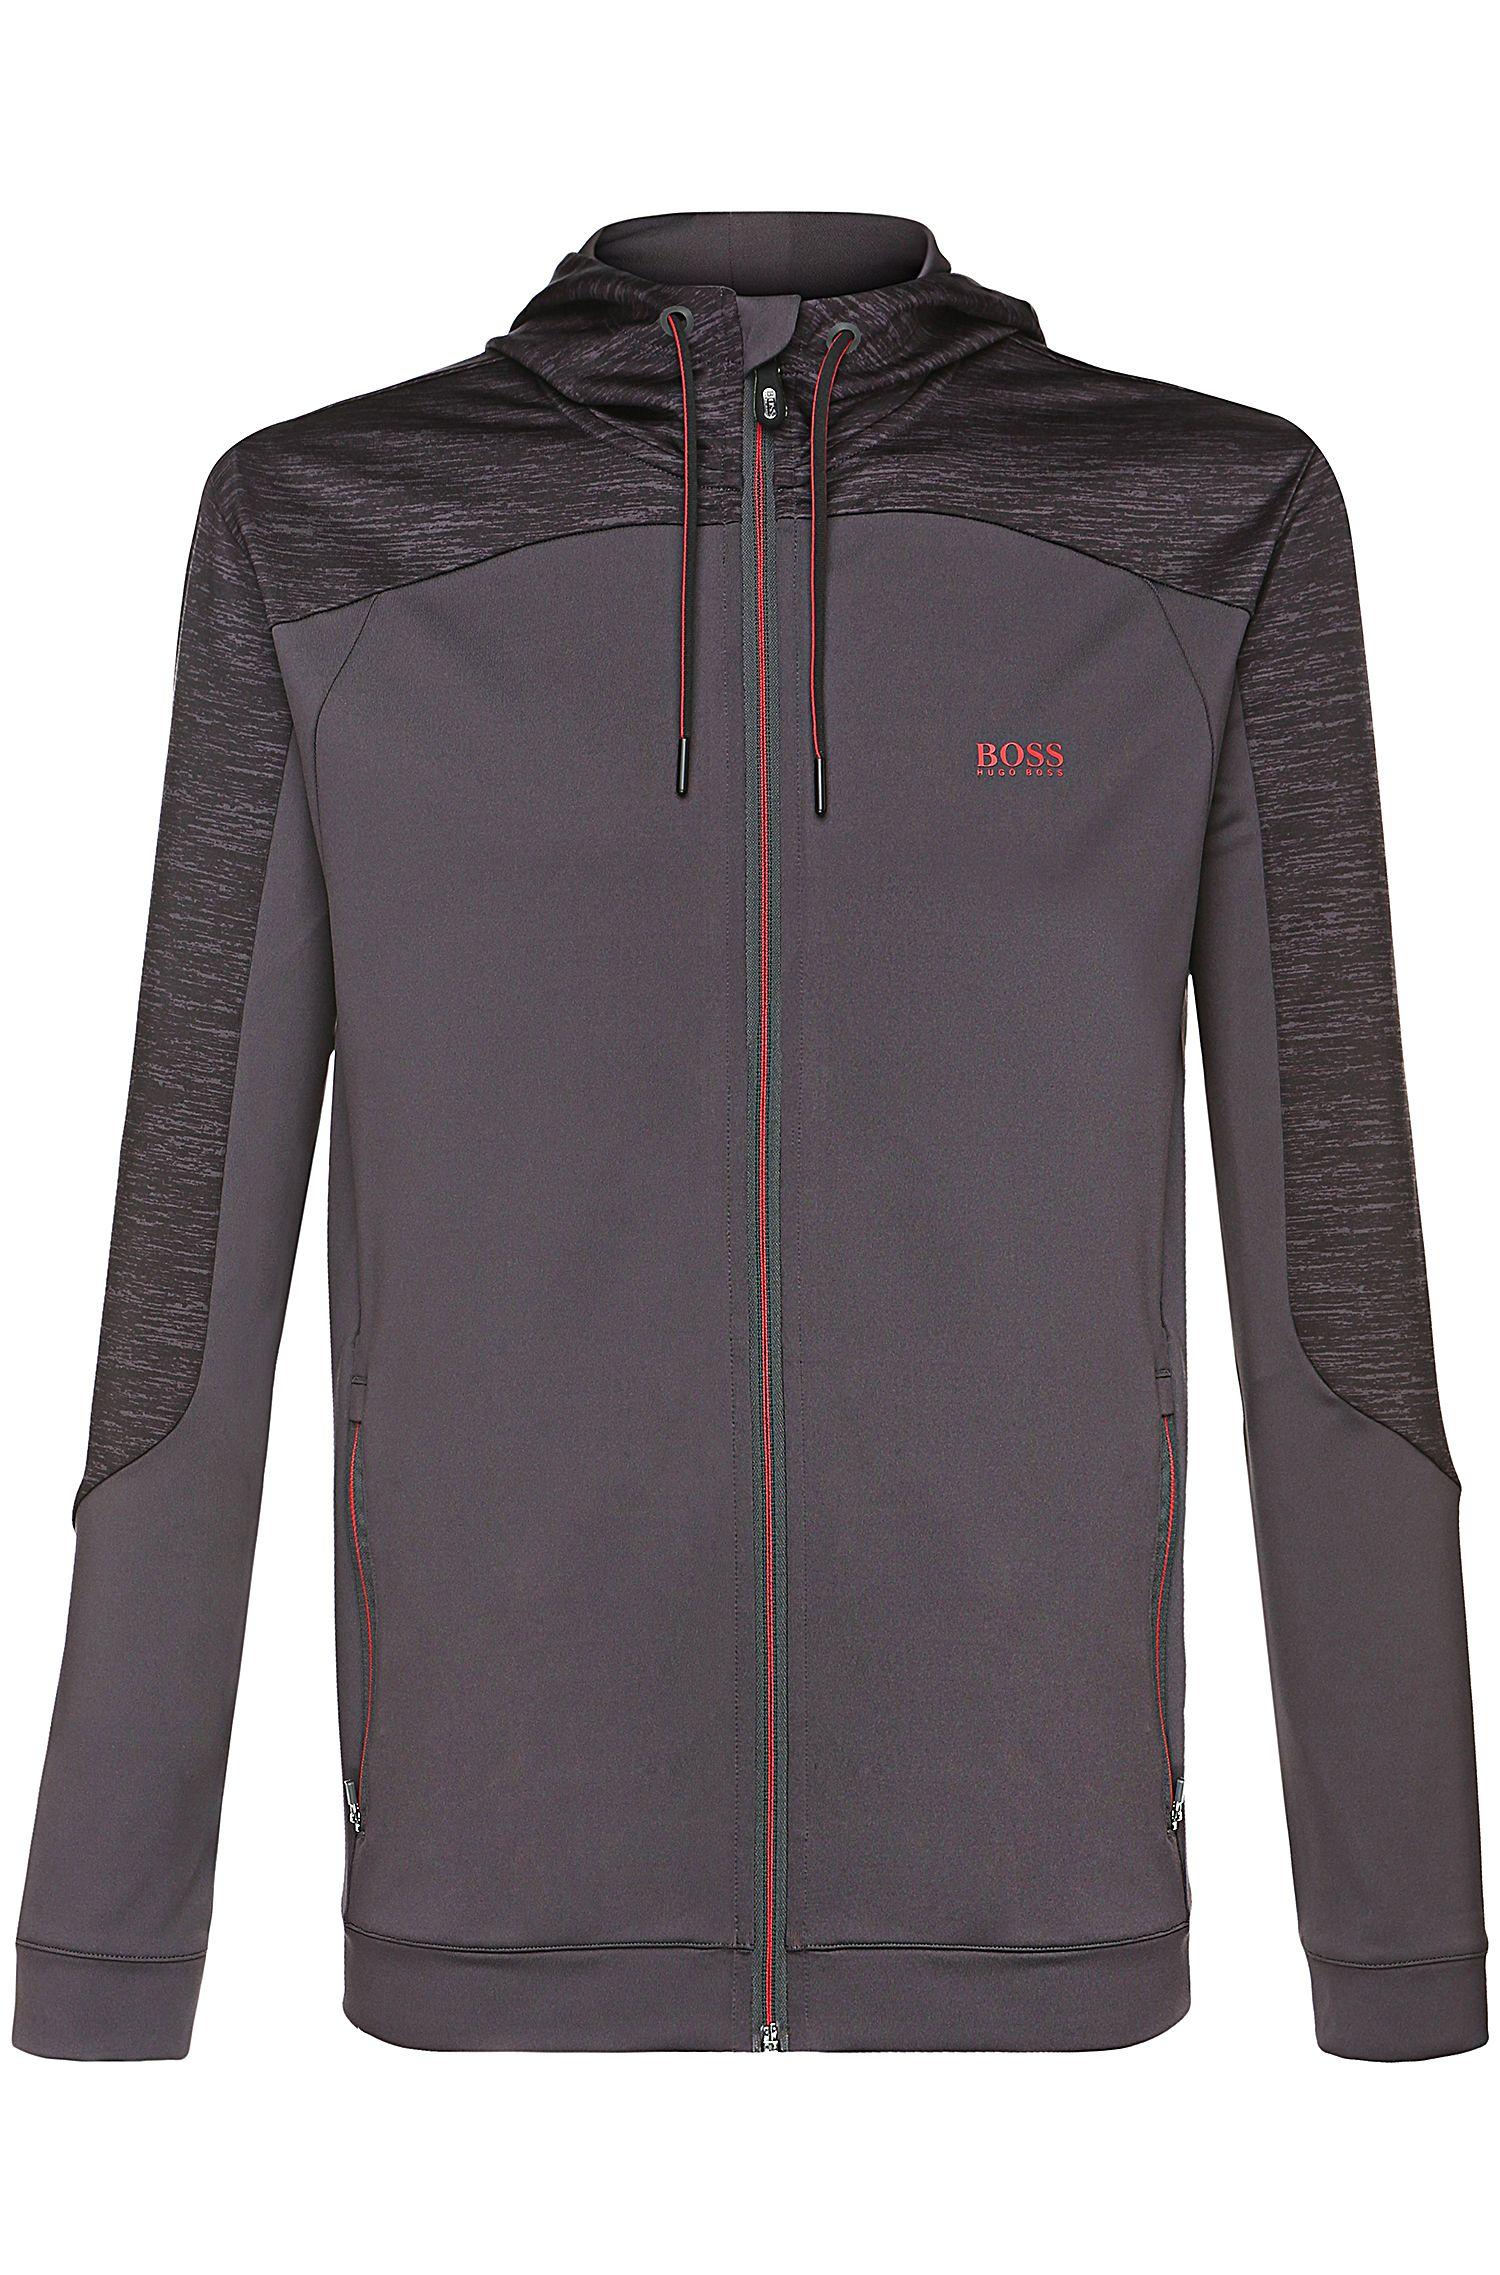 'Saggytech' | Stretch Tech Jersey Hooded Jacket